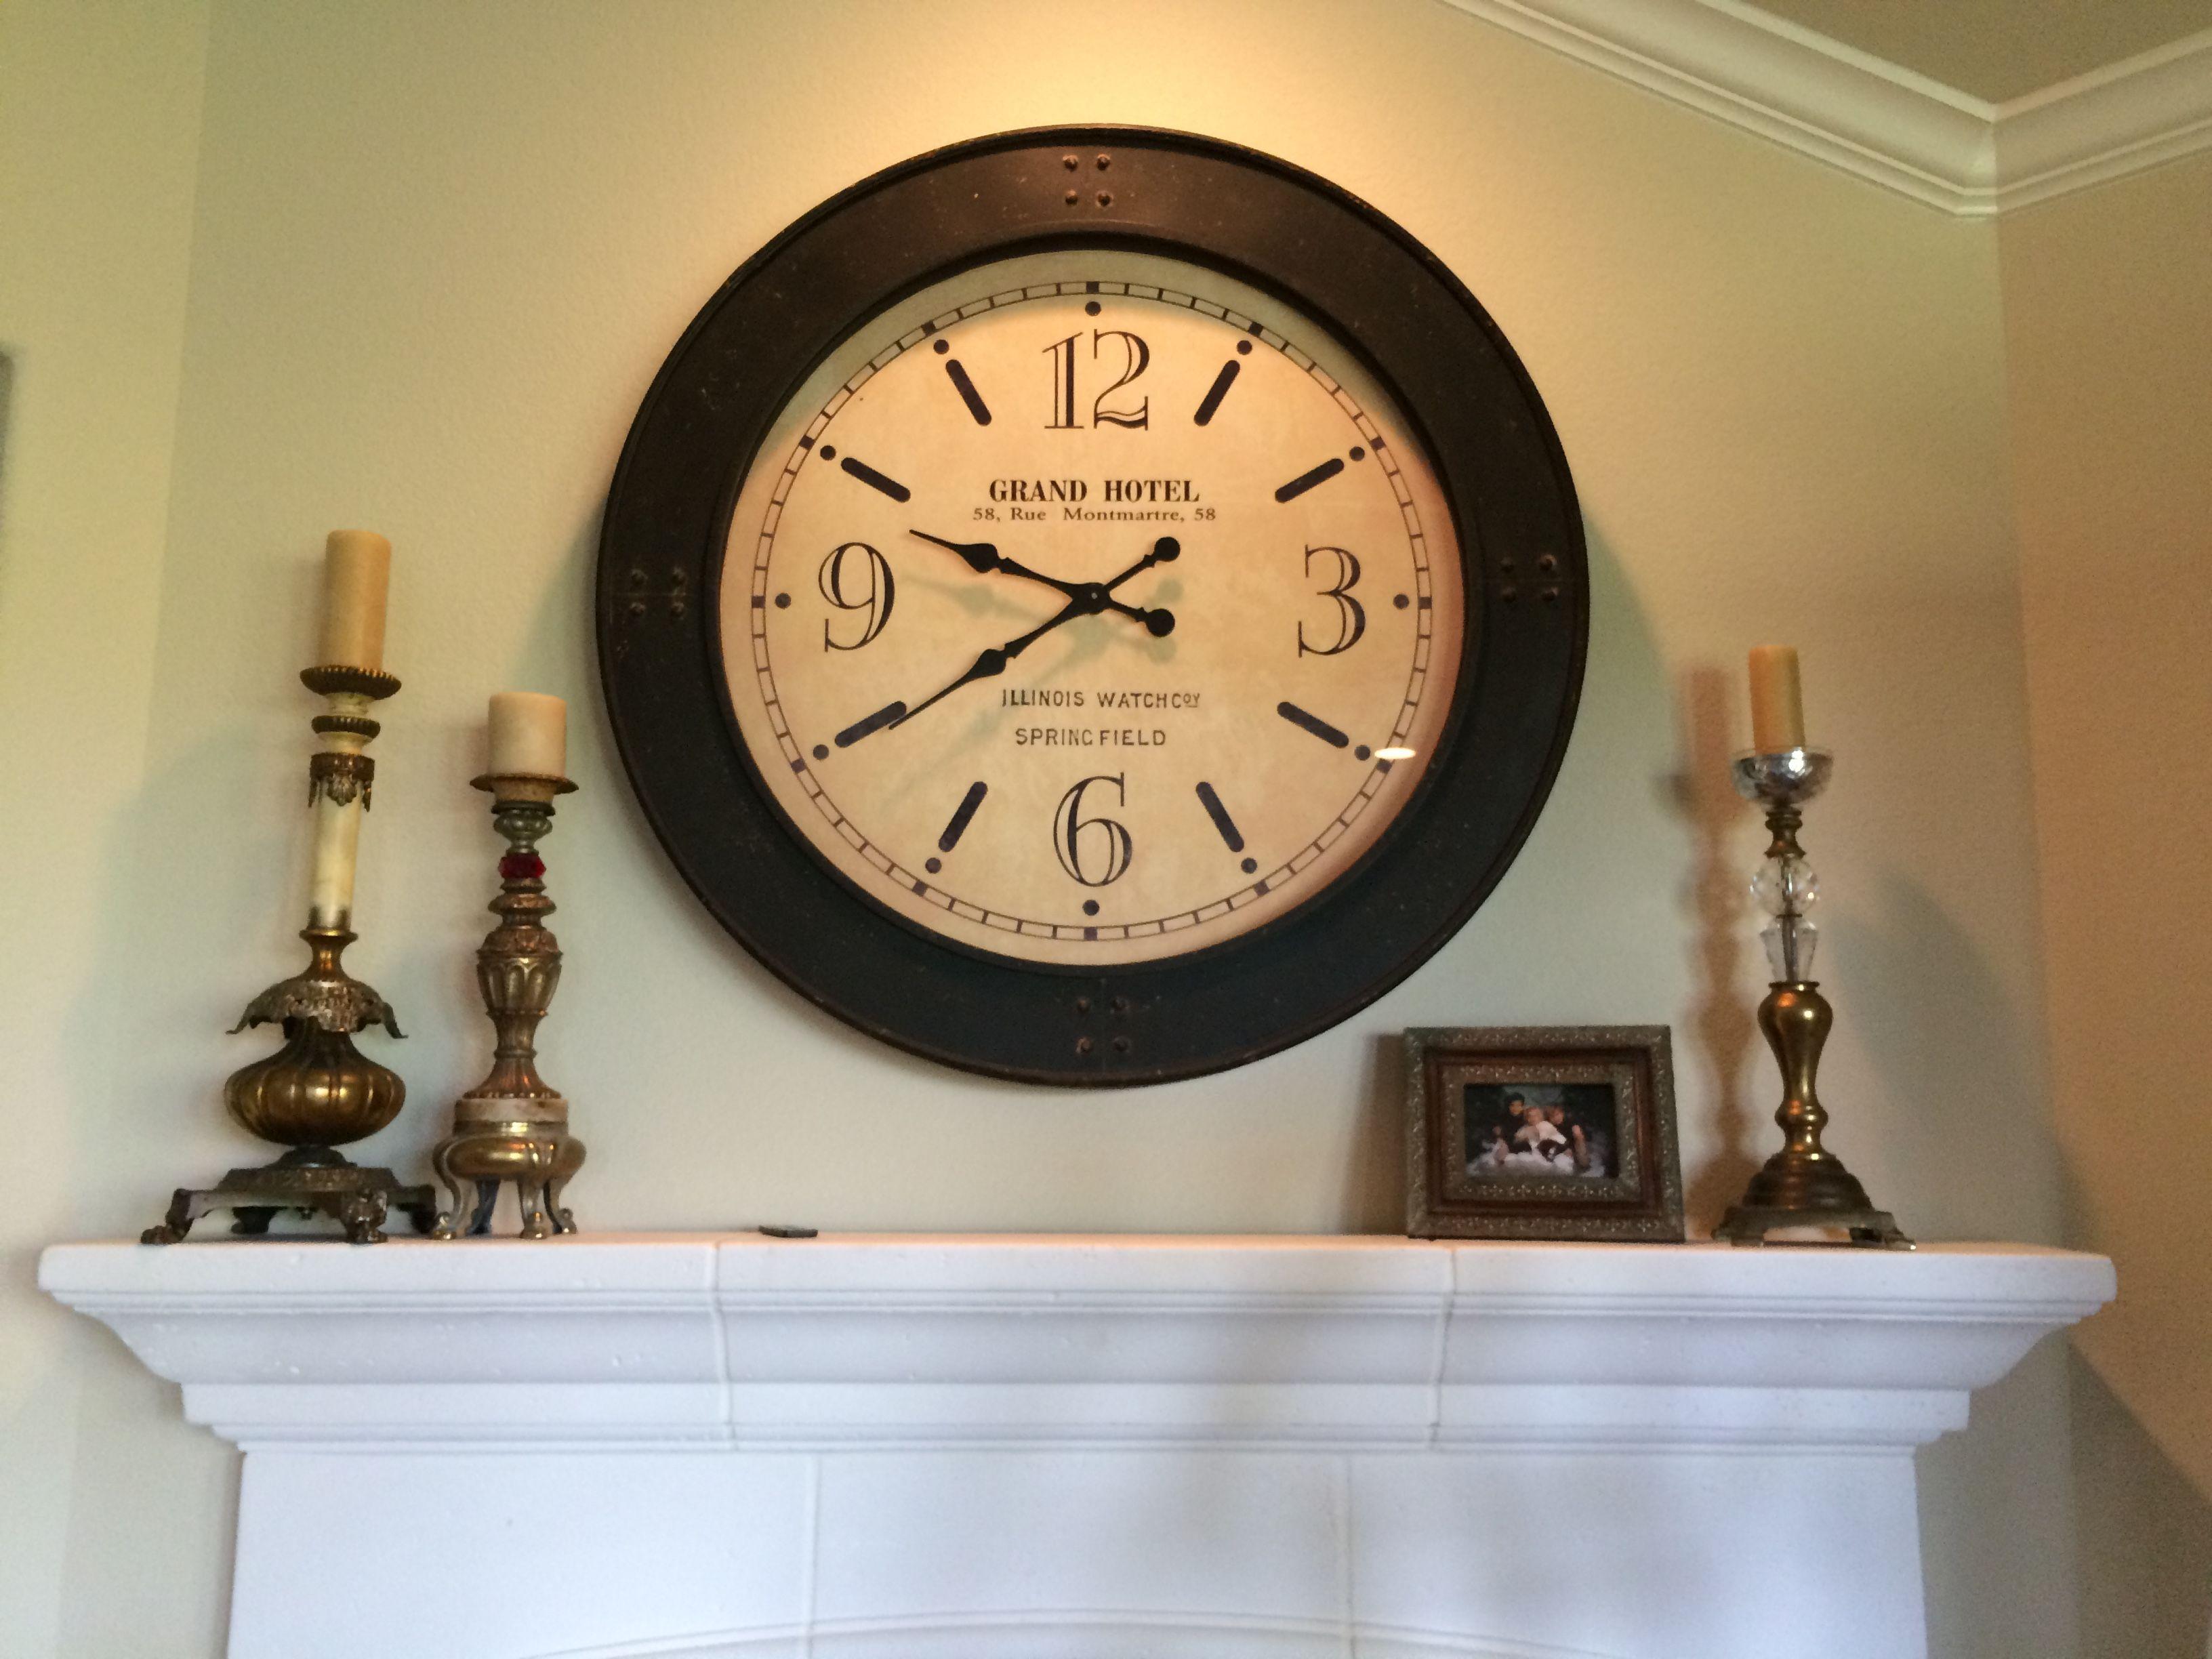 big clocks over a mantel are wonderful embellished cottage